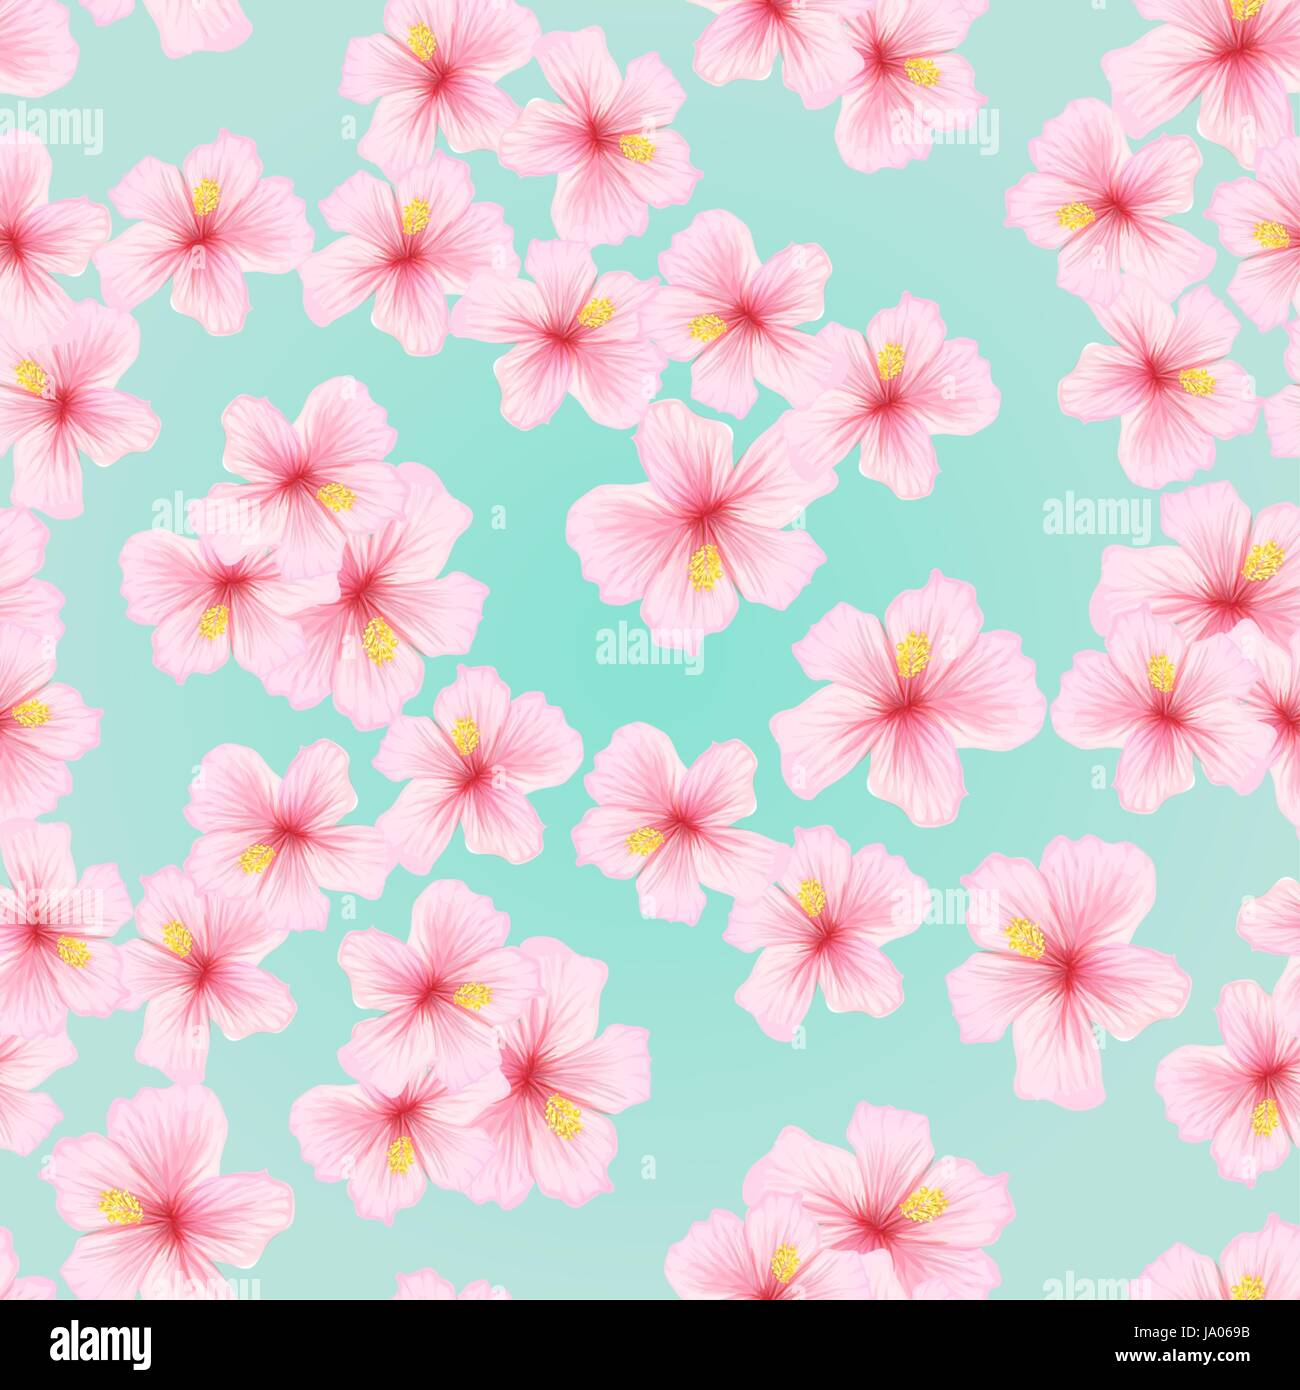 Pink Flower Sakura Seamless Pattern Japanese Cherry Blossom For